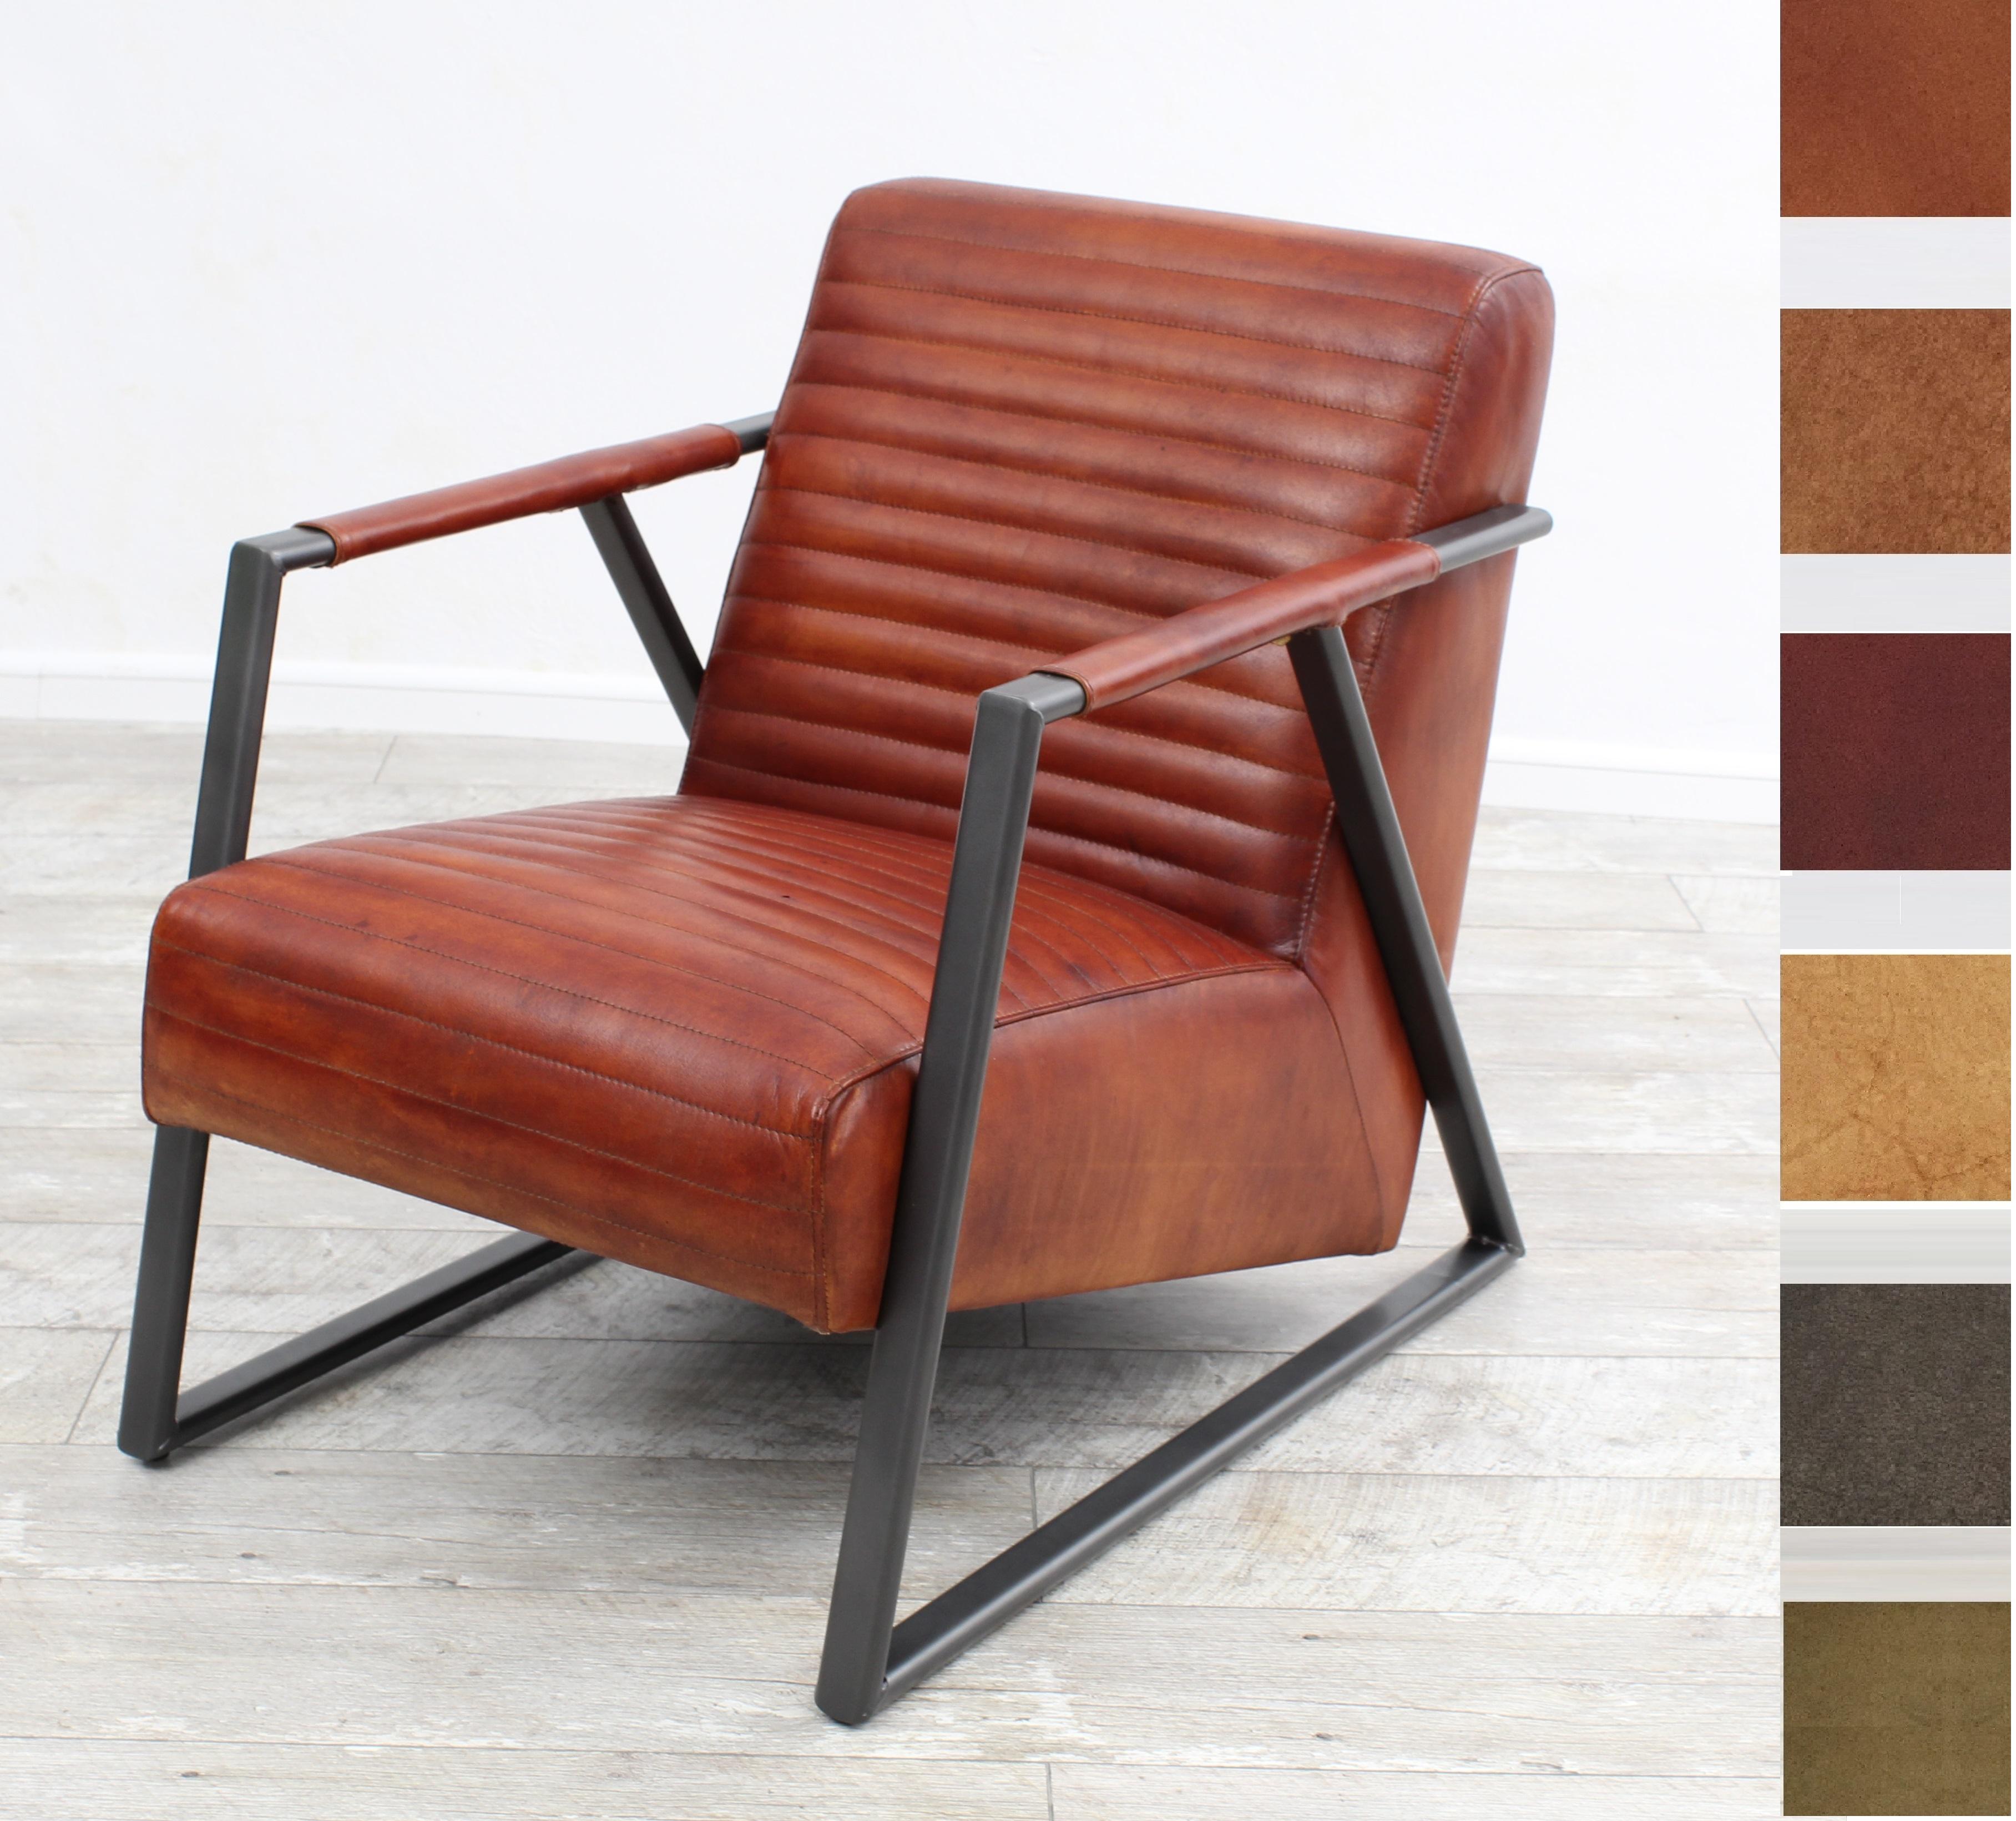 Aktiv Moebel De Sessel Stuhl Designer Hamburg Echt Buffel Leder